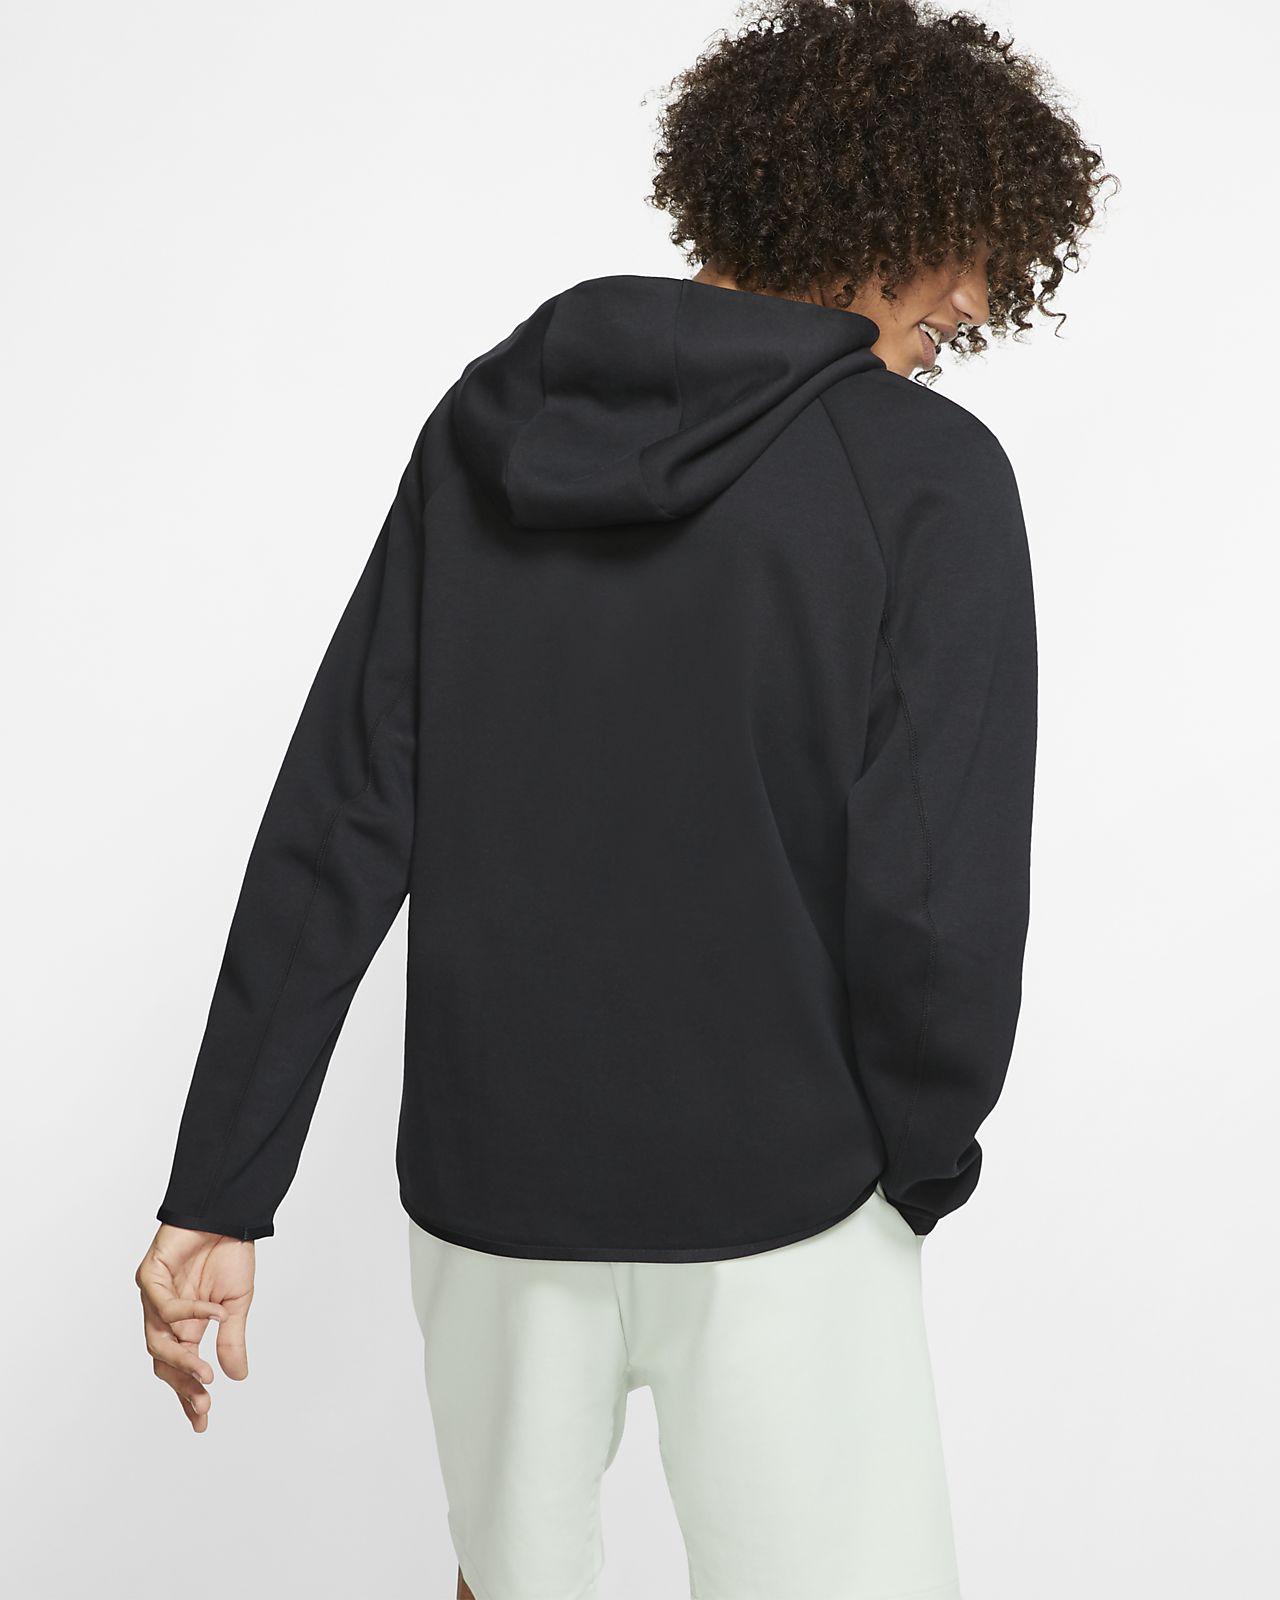 fb404a364 Nike Sportswear Tech Fleece Men's Full-Zip Hoodie. Nike.com SE